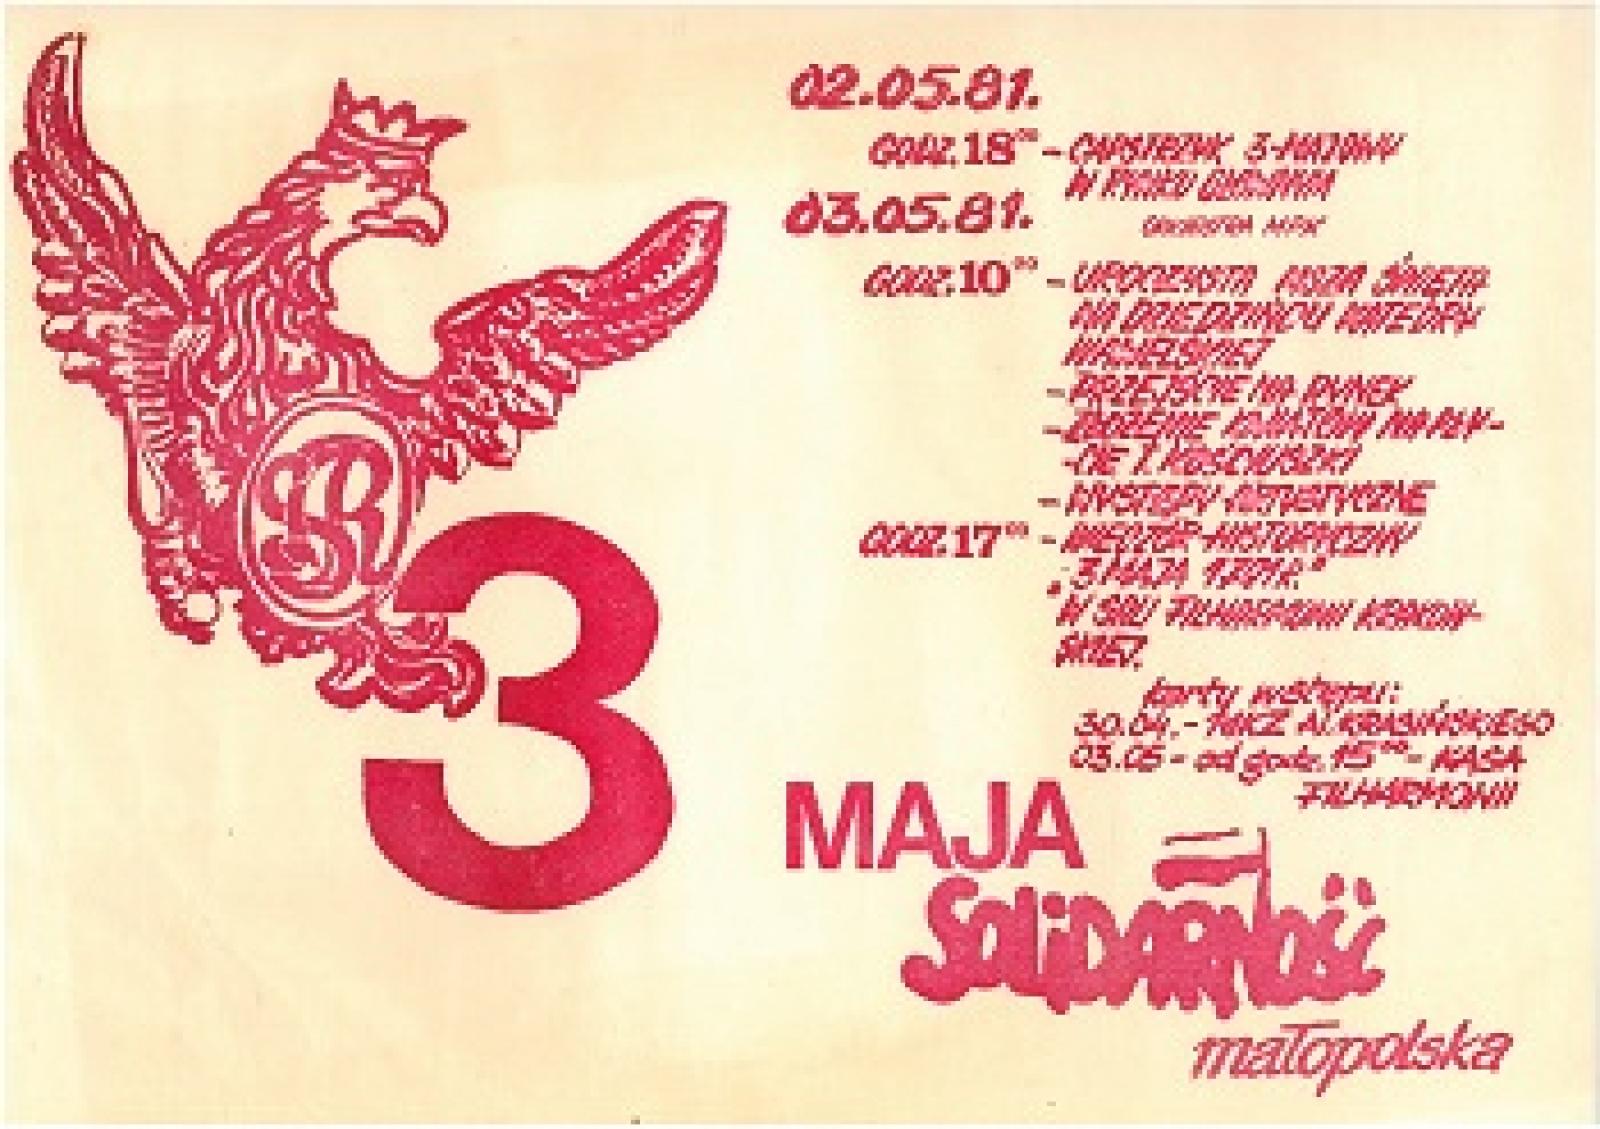 3 maja solidarnosc malopolska